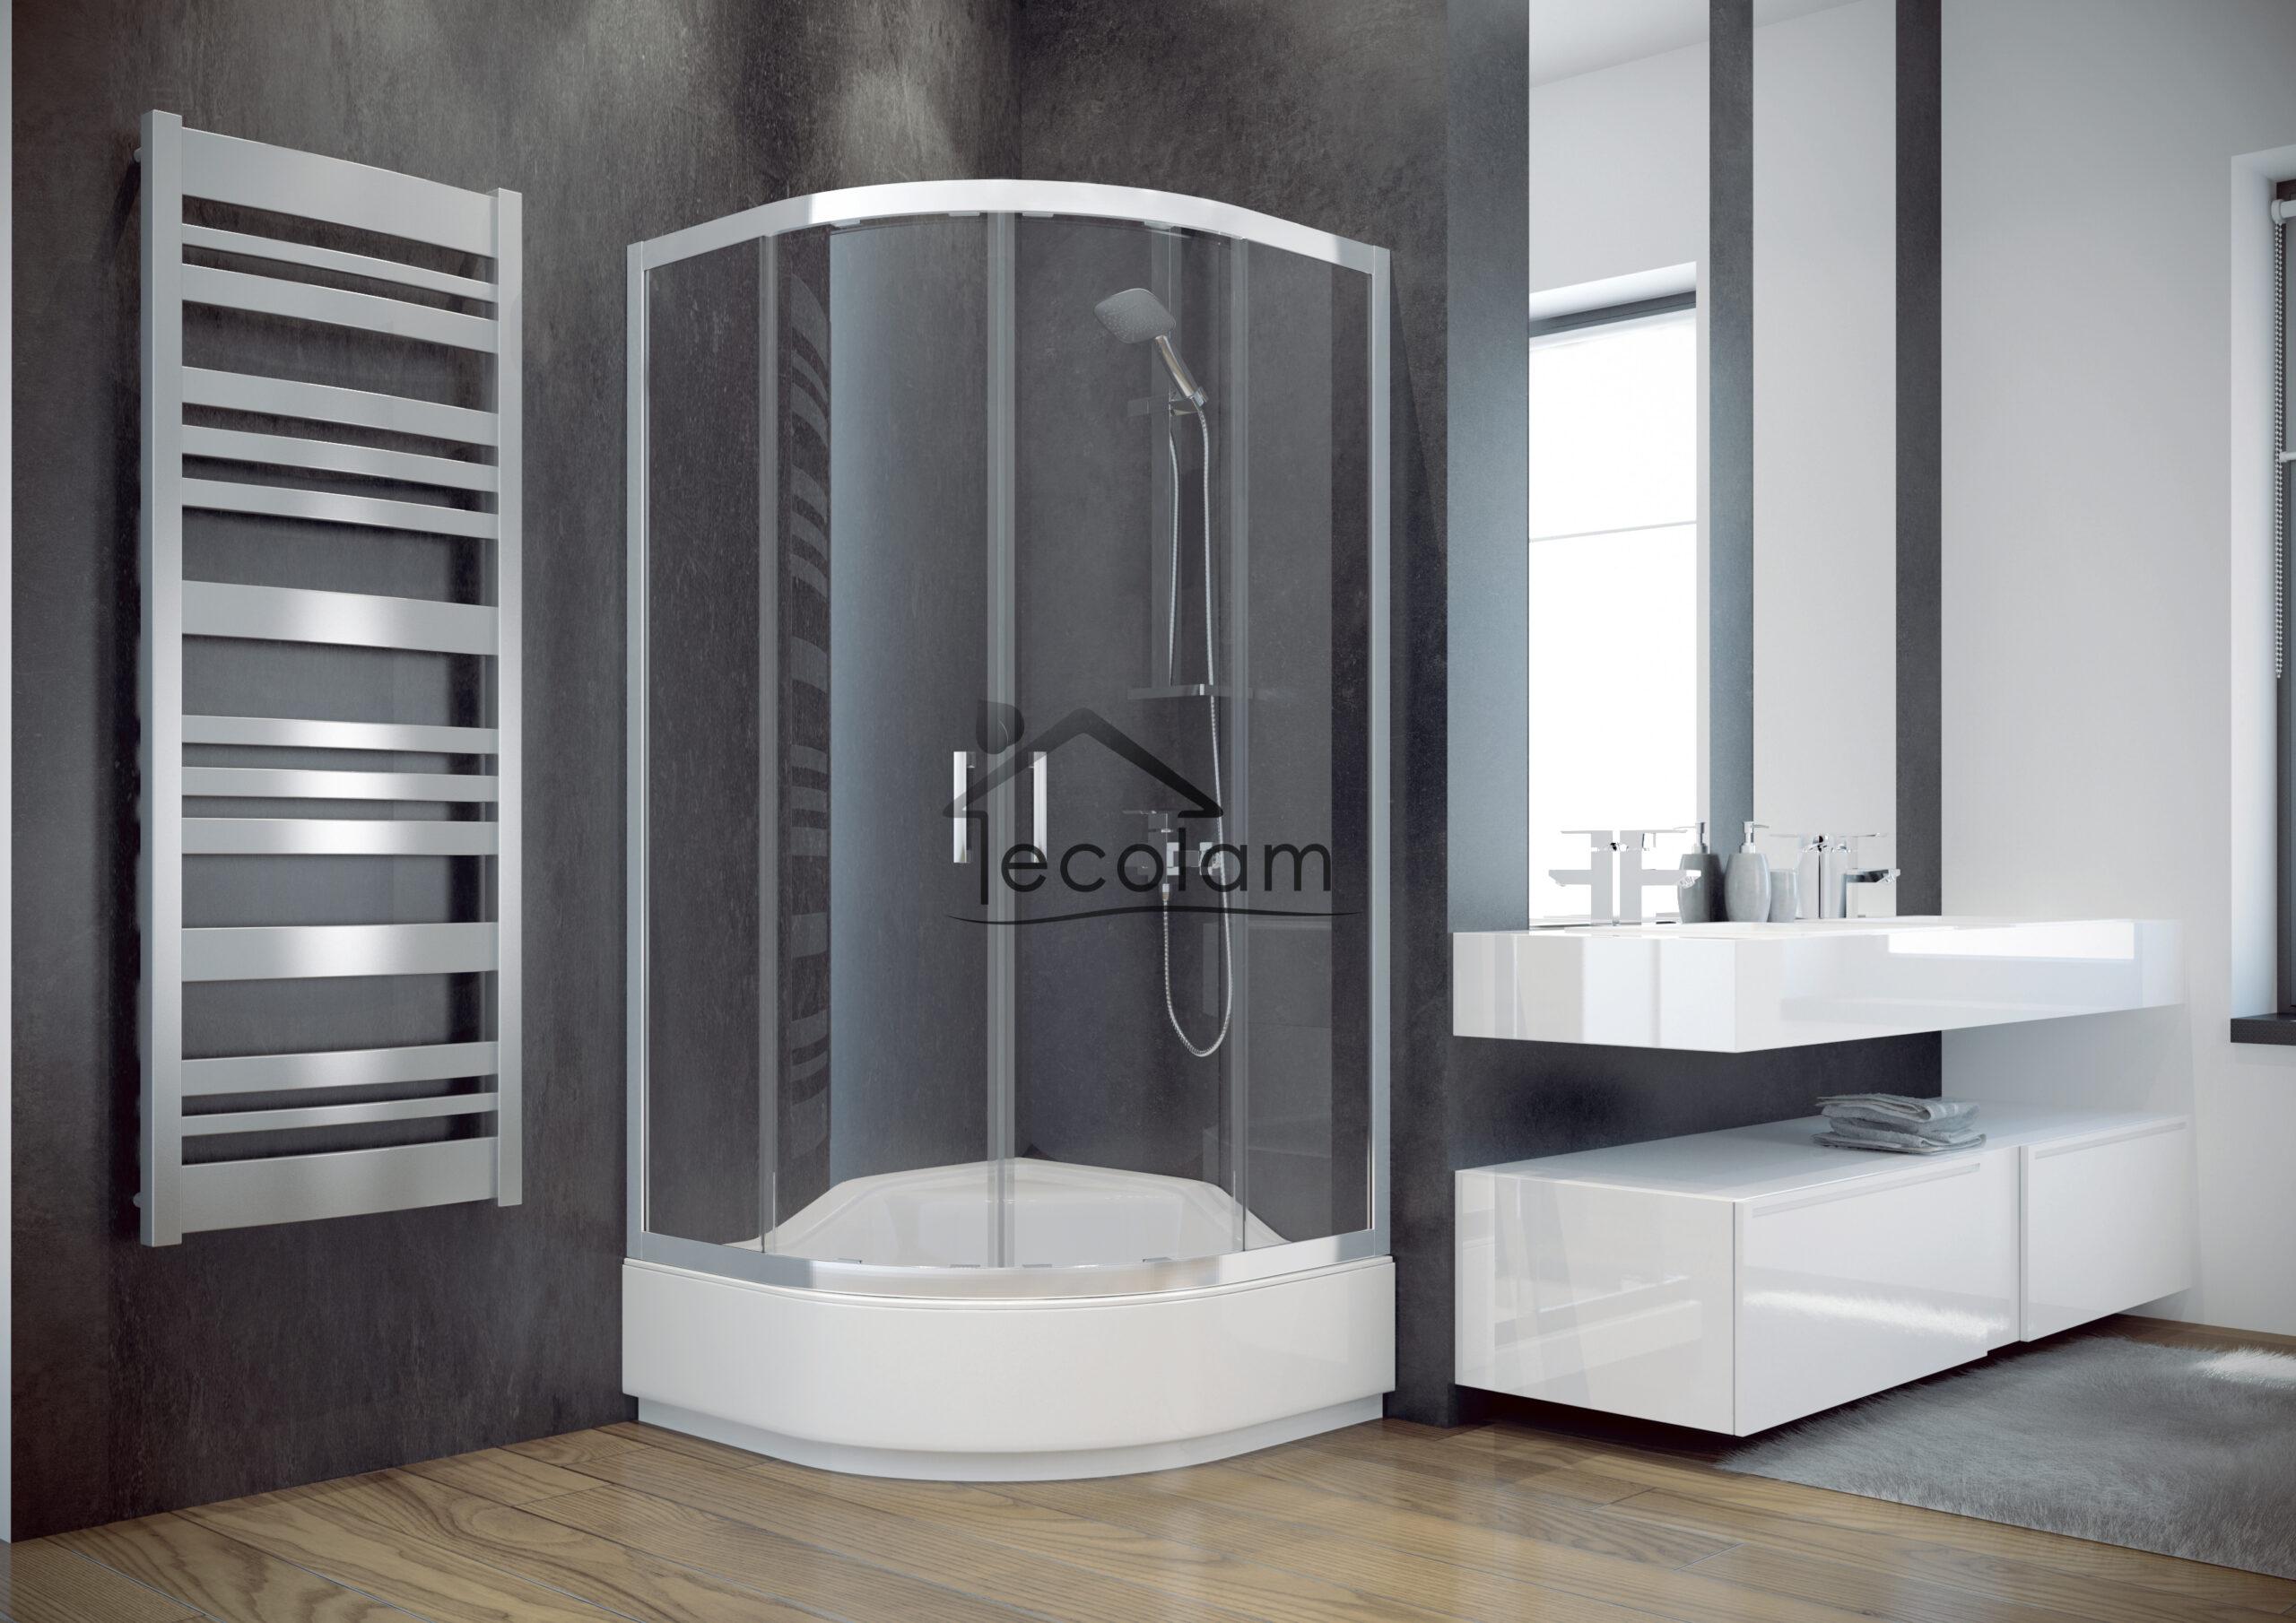 Full Size of Glasabtrennung Dusche Duschkabine Transparentes Glas 90x90 Cm R55 165 Modern Begehbare Fliesen Bodengleiche Duschen Einbauen Schulte Komplett Set Nachträglich Dusche Glasabtrennung Dusche